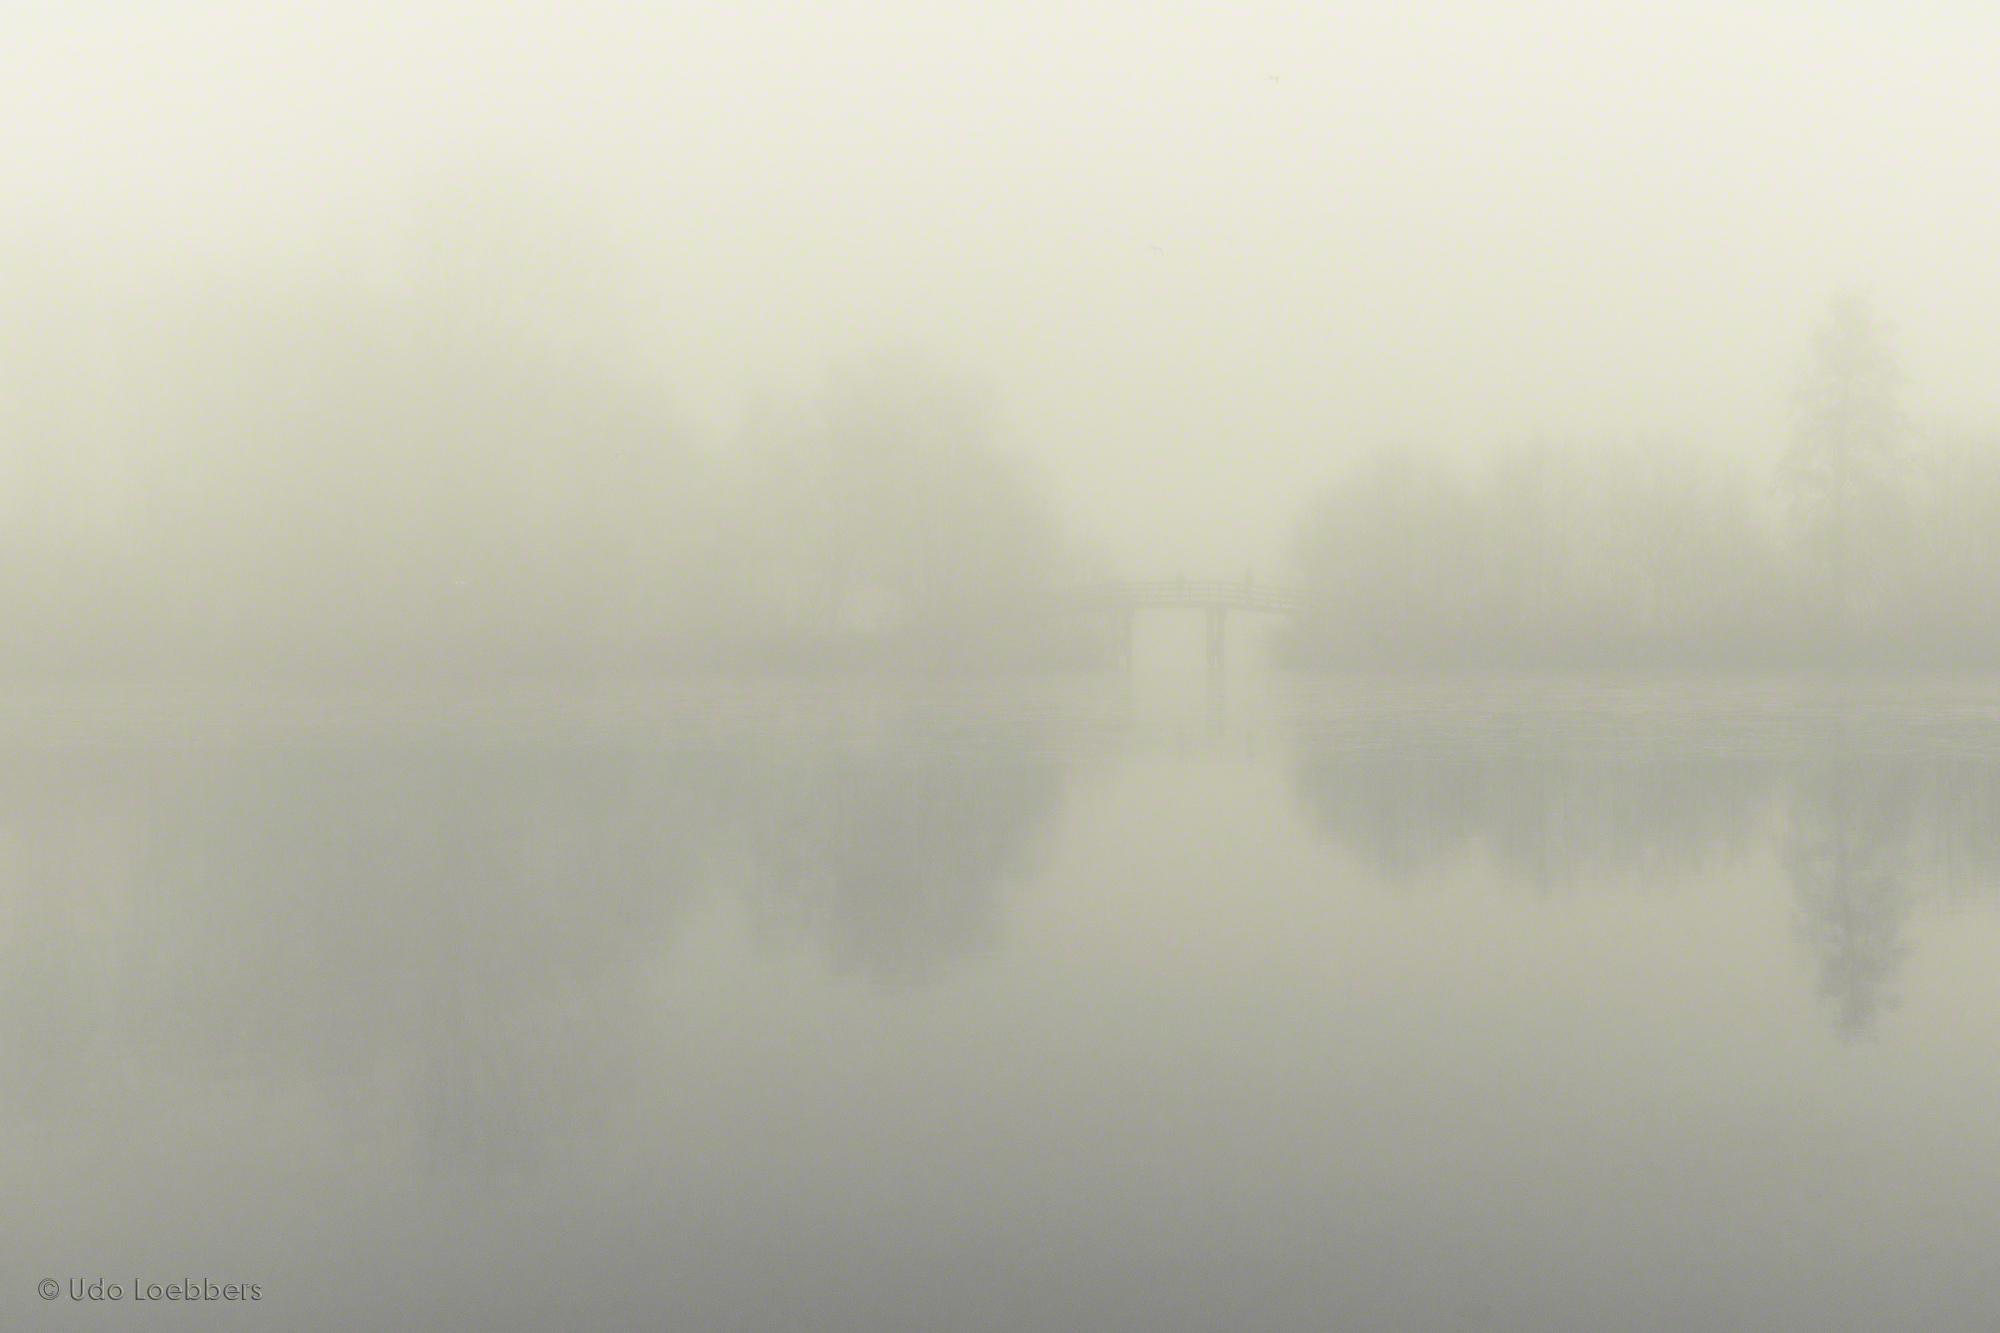 Nebel IV